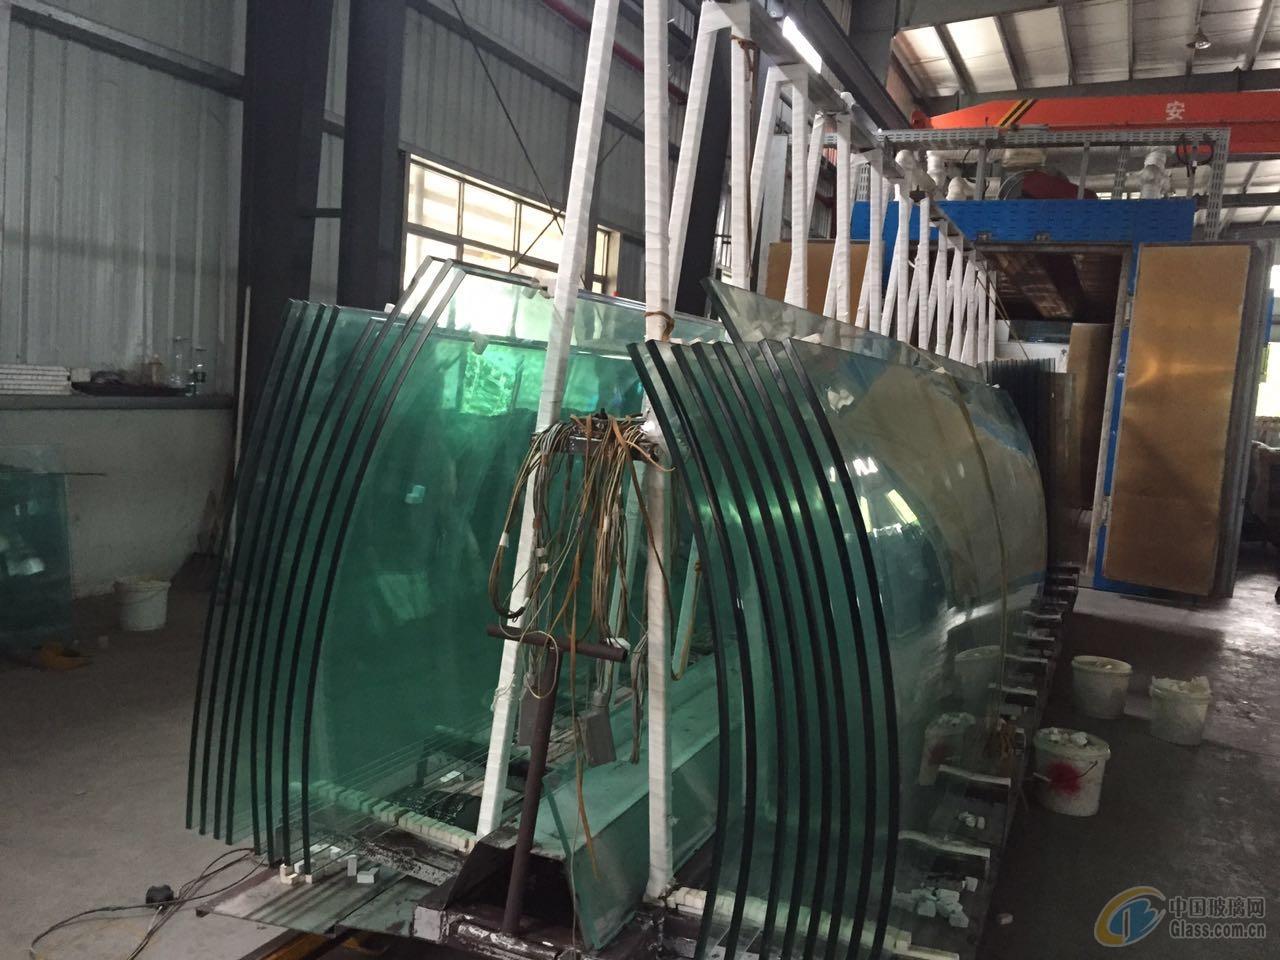 100平方米  供货总量: 10000平方米 公司名:深圳市捷达顺玻璃制品